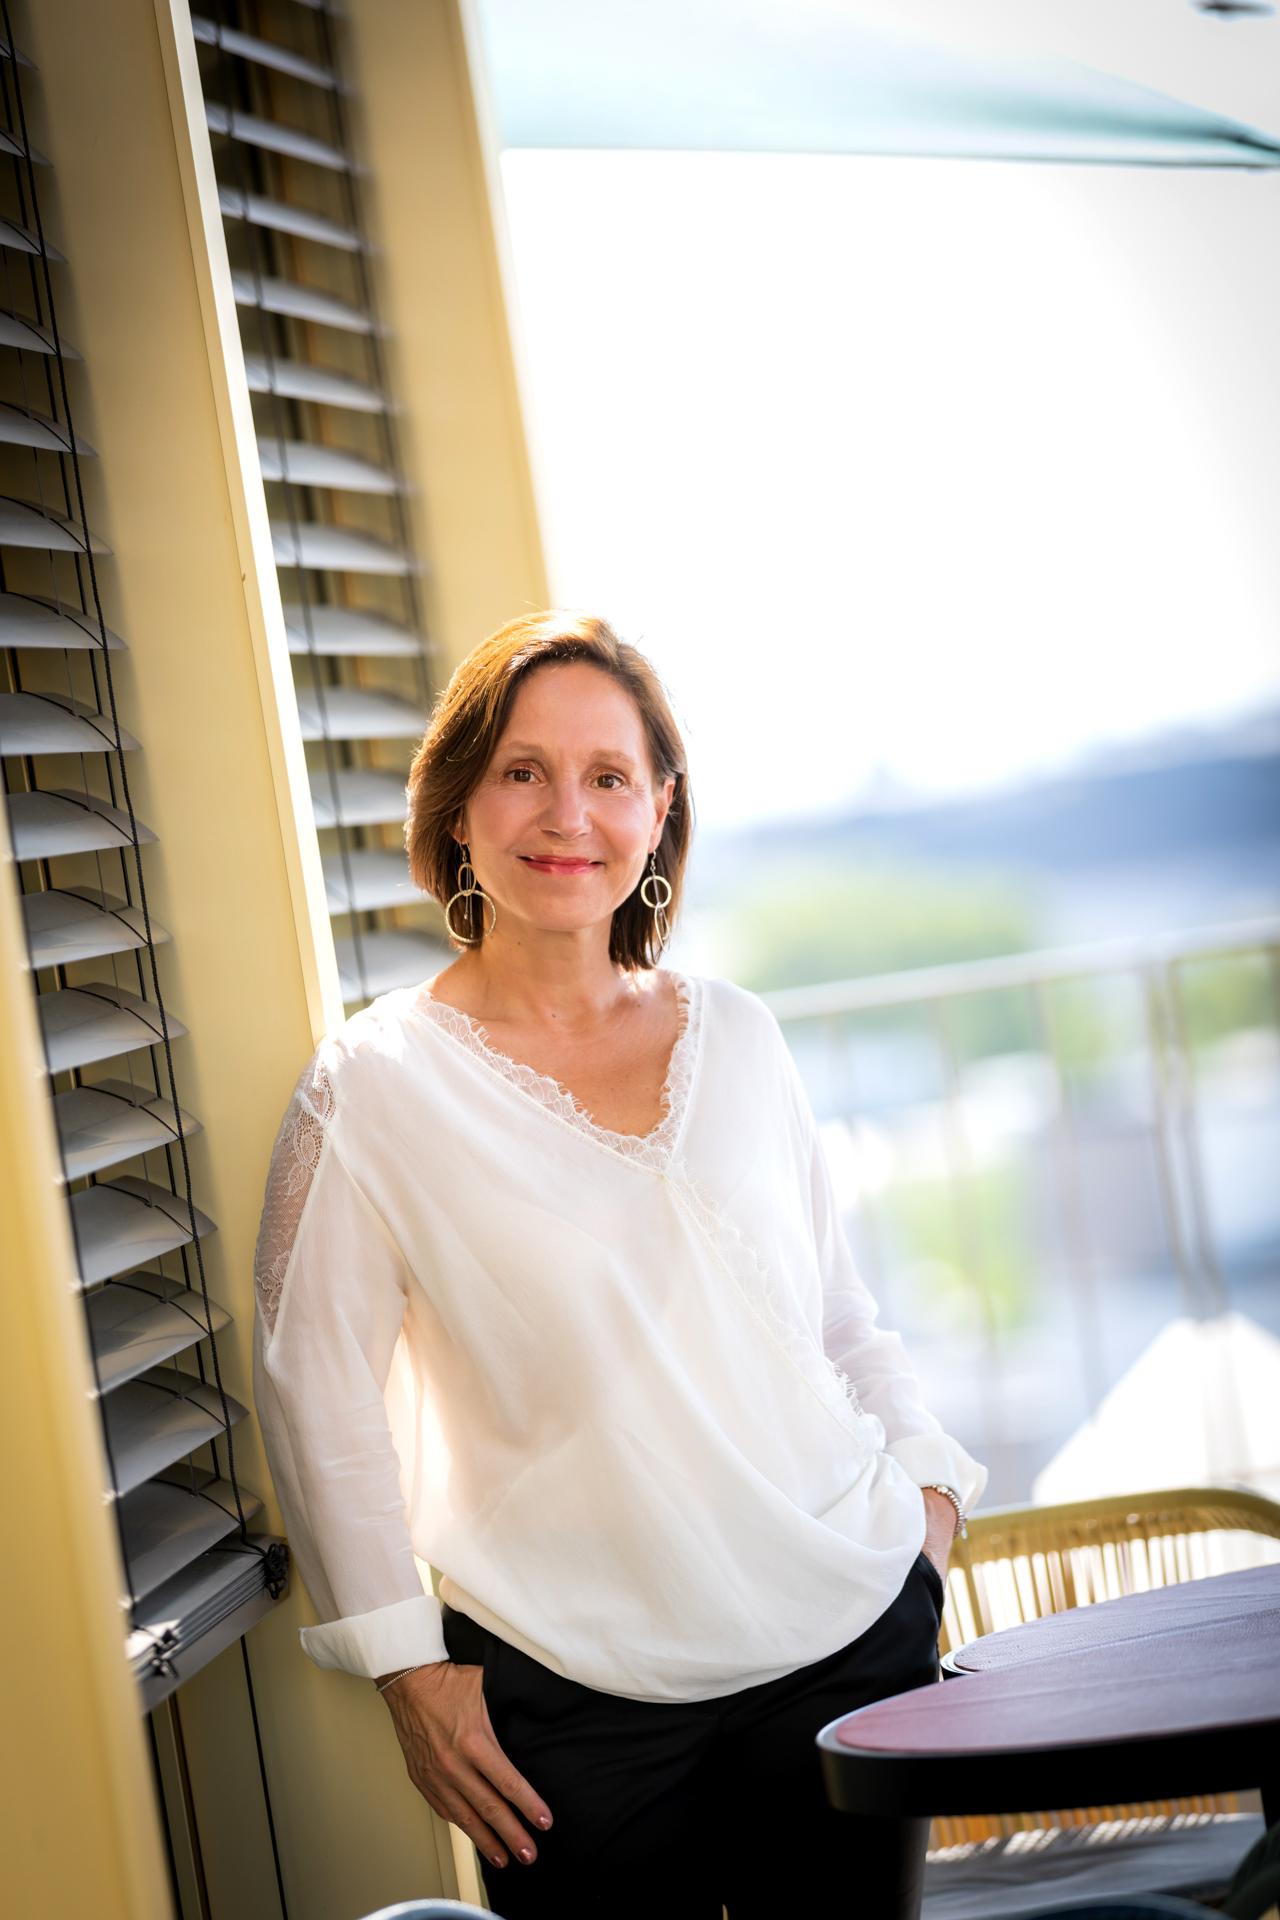 Christine Rudolph bietet Online Coaching im Bereich Lifestyle und Business an